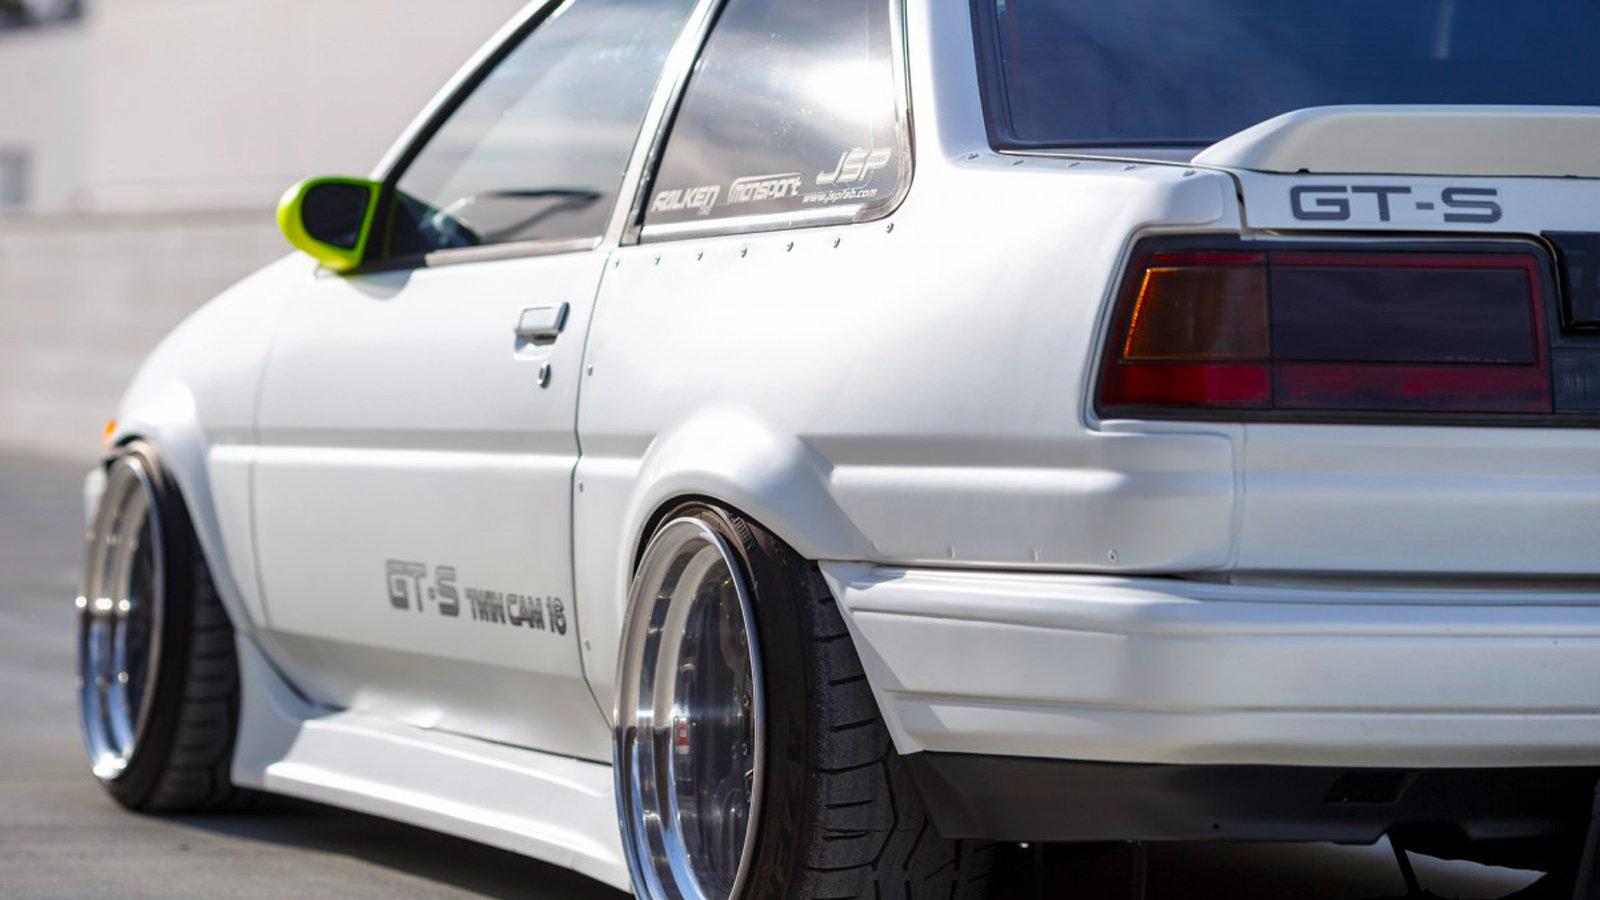 1987 AE86 GT-S F20